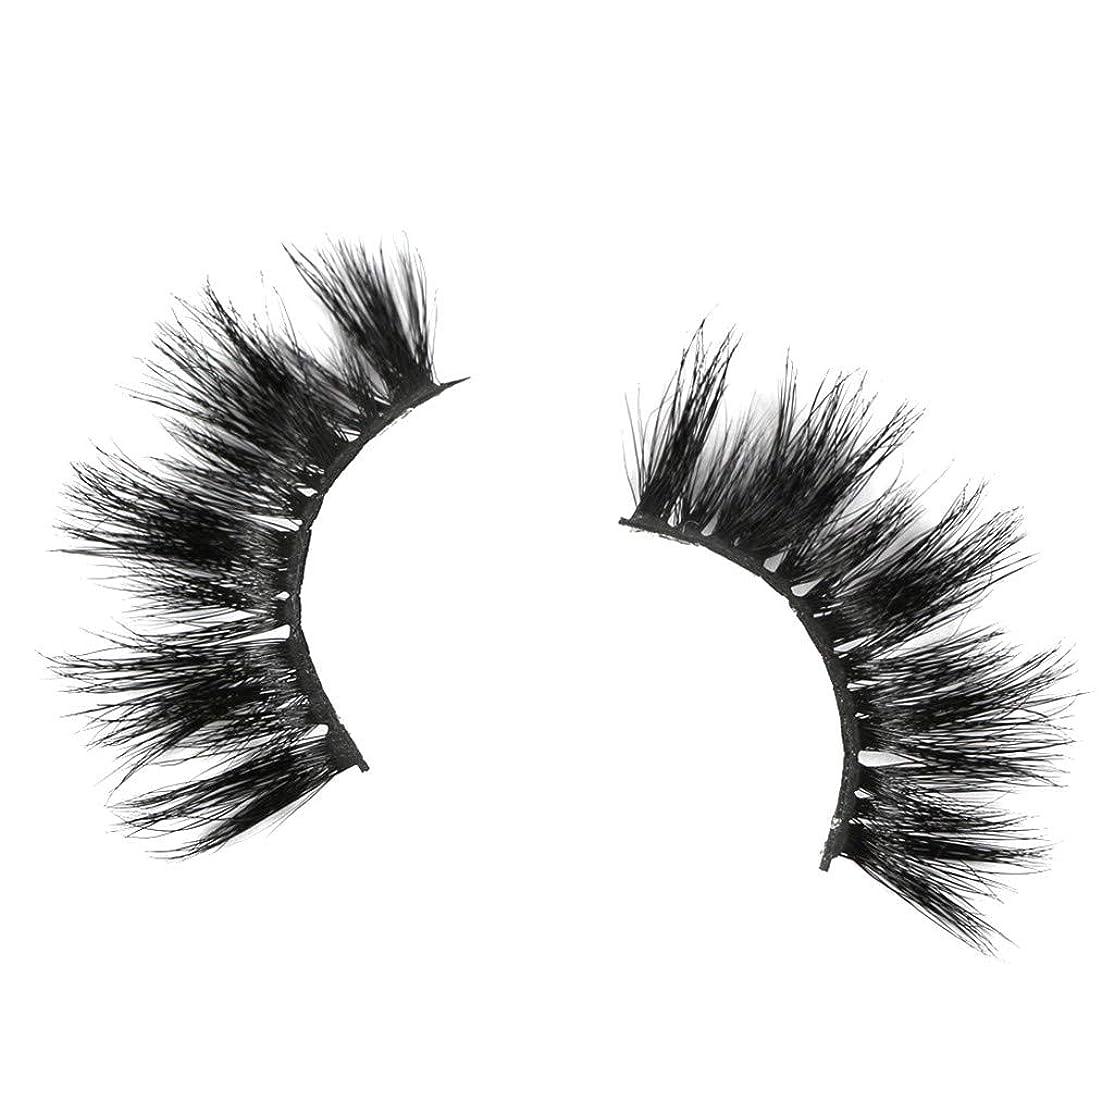 性的乱闘反対につけまつげ 人気 つけまつげ ナチュラル LLuche 3Dミンクつけまつ毛ア グラマラスボリュームアイラッシュ ふんわりロングまつ毛 ふんわりロングまつ毛 一対の25mmミンクまつげつけまつげ25mmの3Dミンクの長いまつげが付いている劇的な構造(黒,つけまつげ 装着簡単 綺麗 極薄)